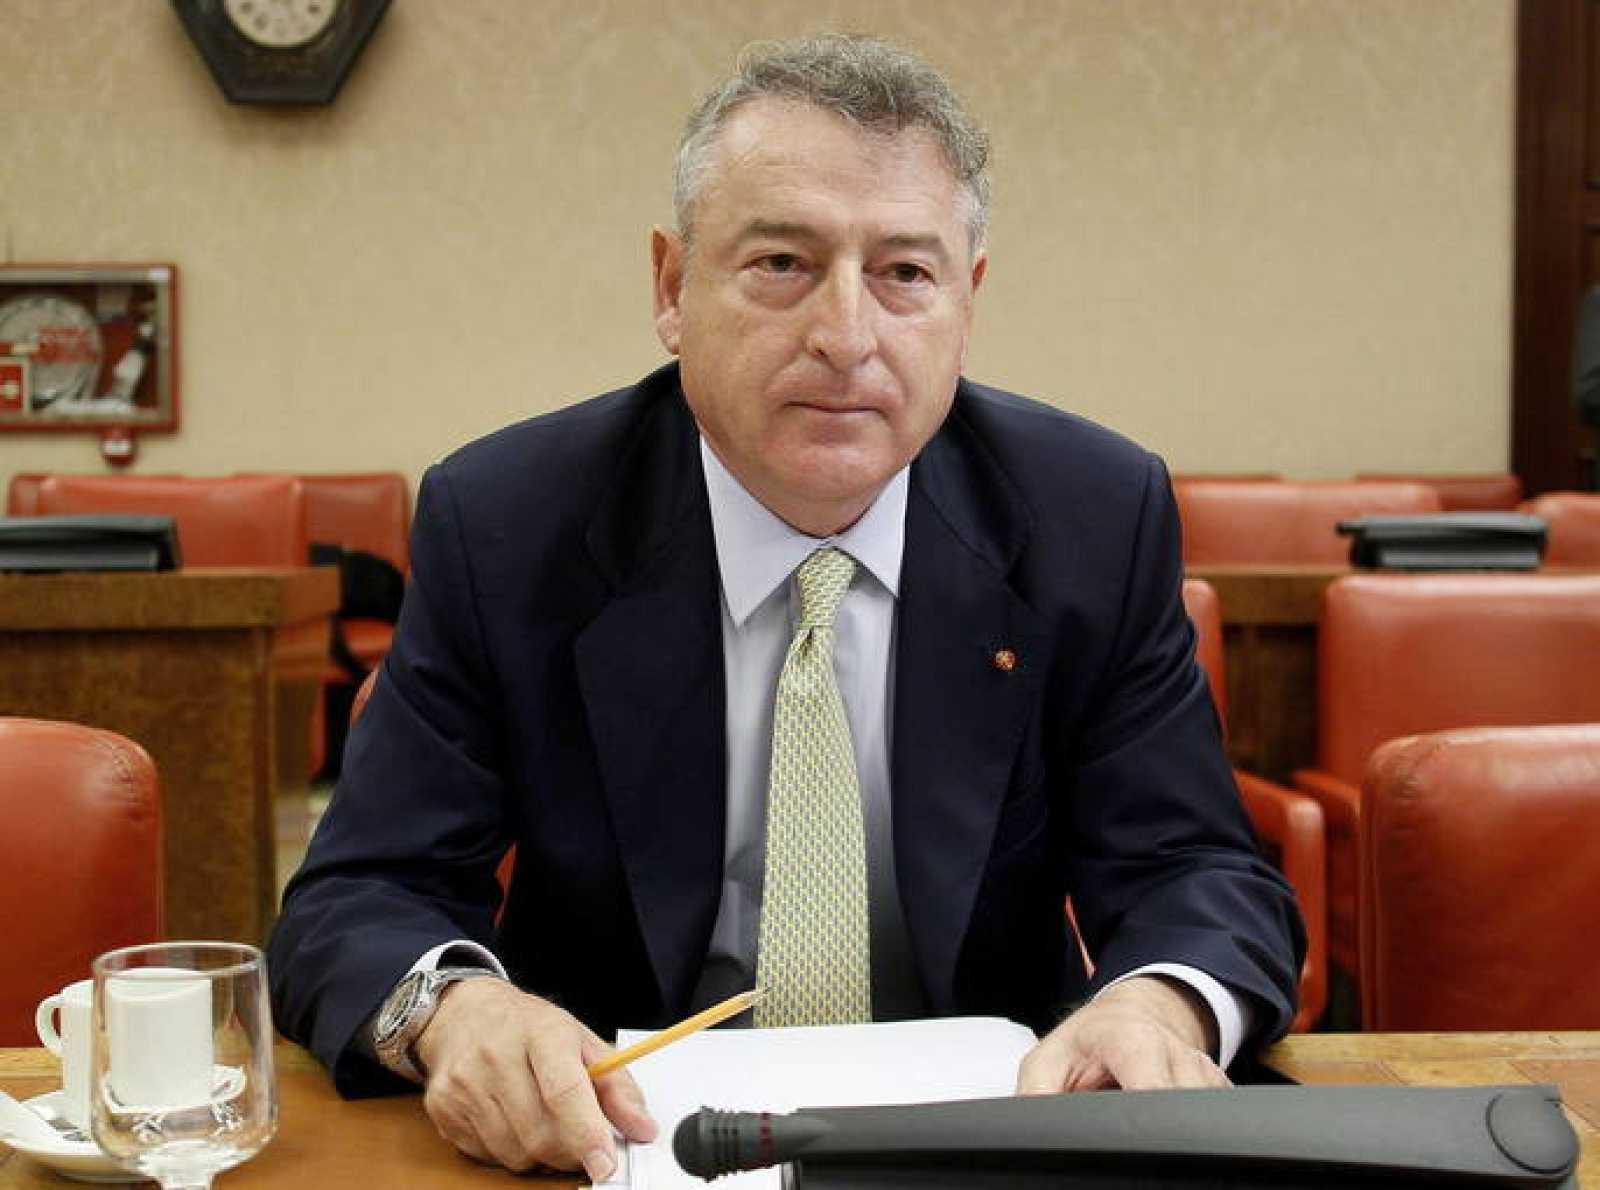 El periodista José Antonio Sánchez ya fue director general de TVE entre 2002 y 2004.